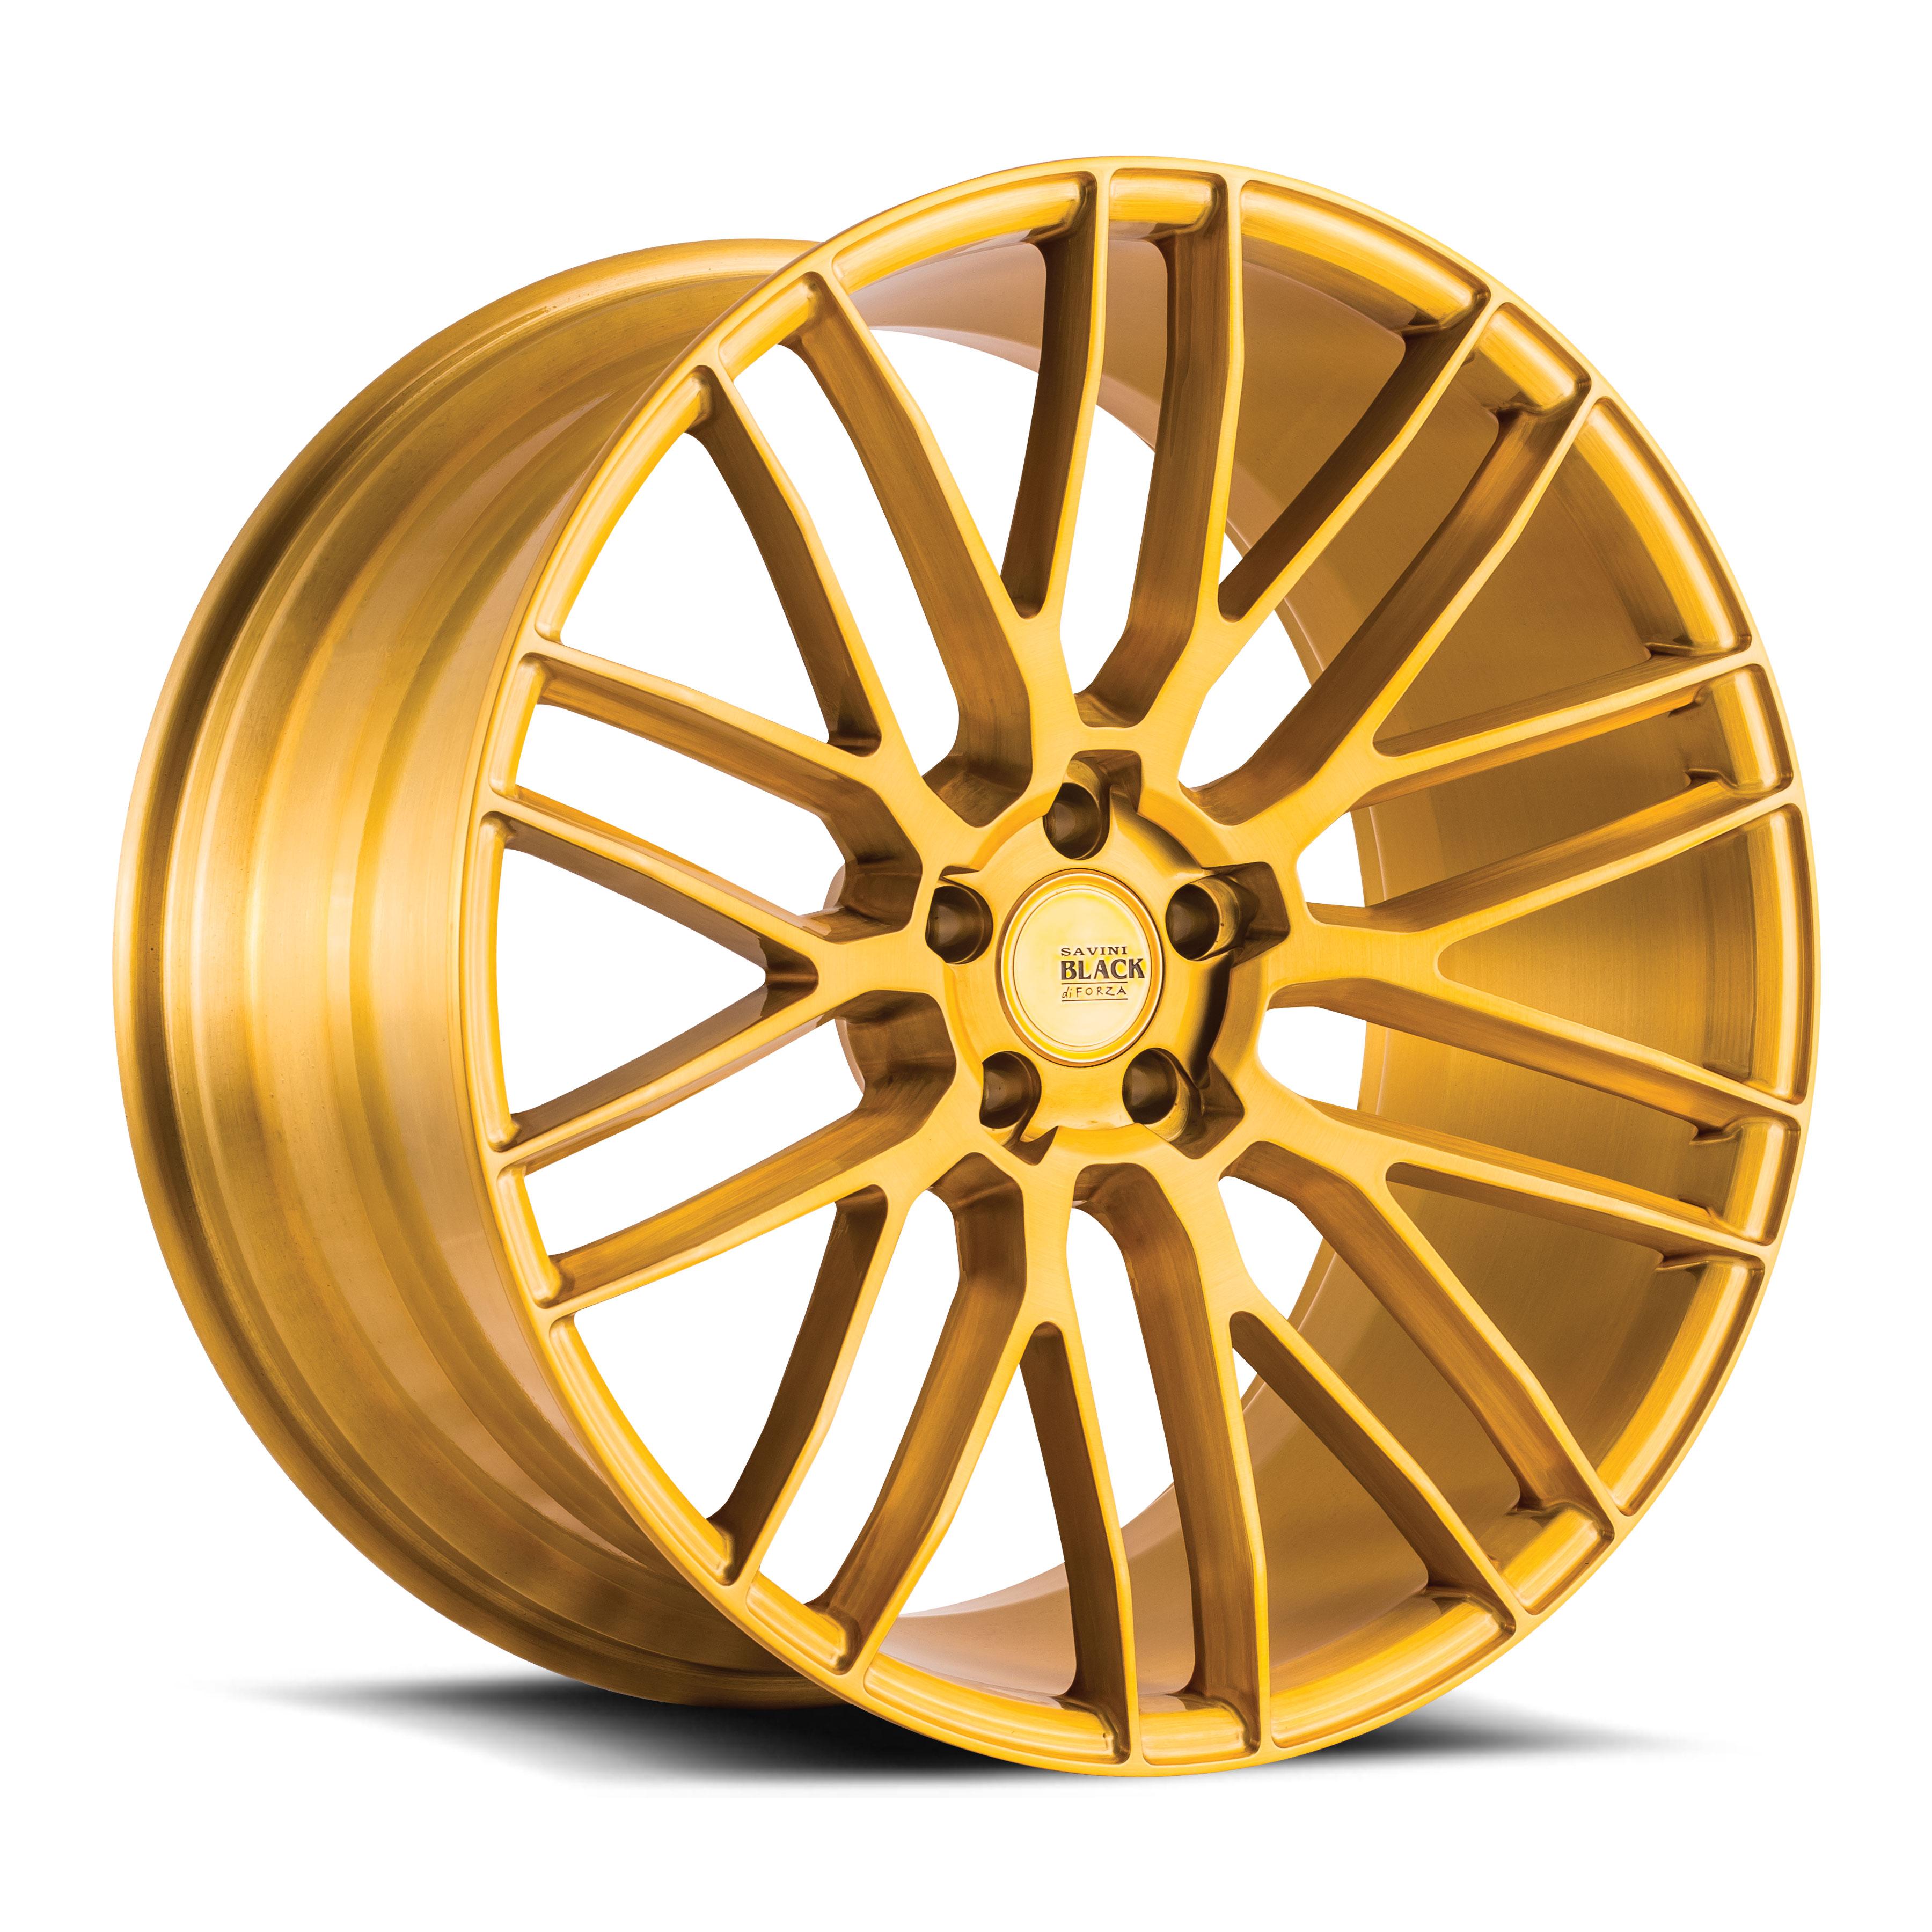 Savini-Black-di-forza-BM13-Brushed-Gold